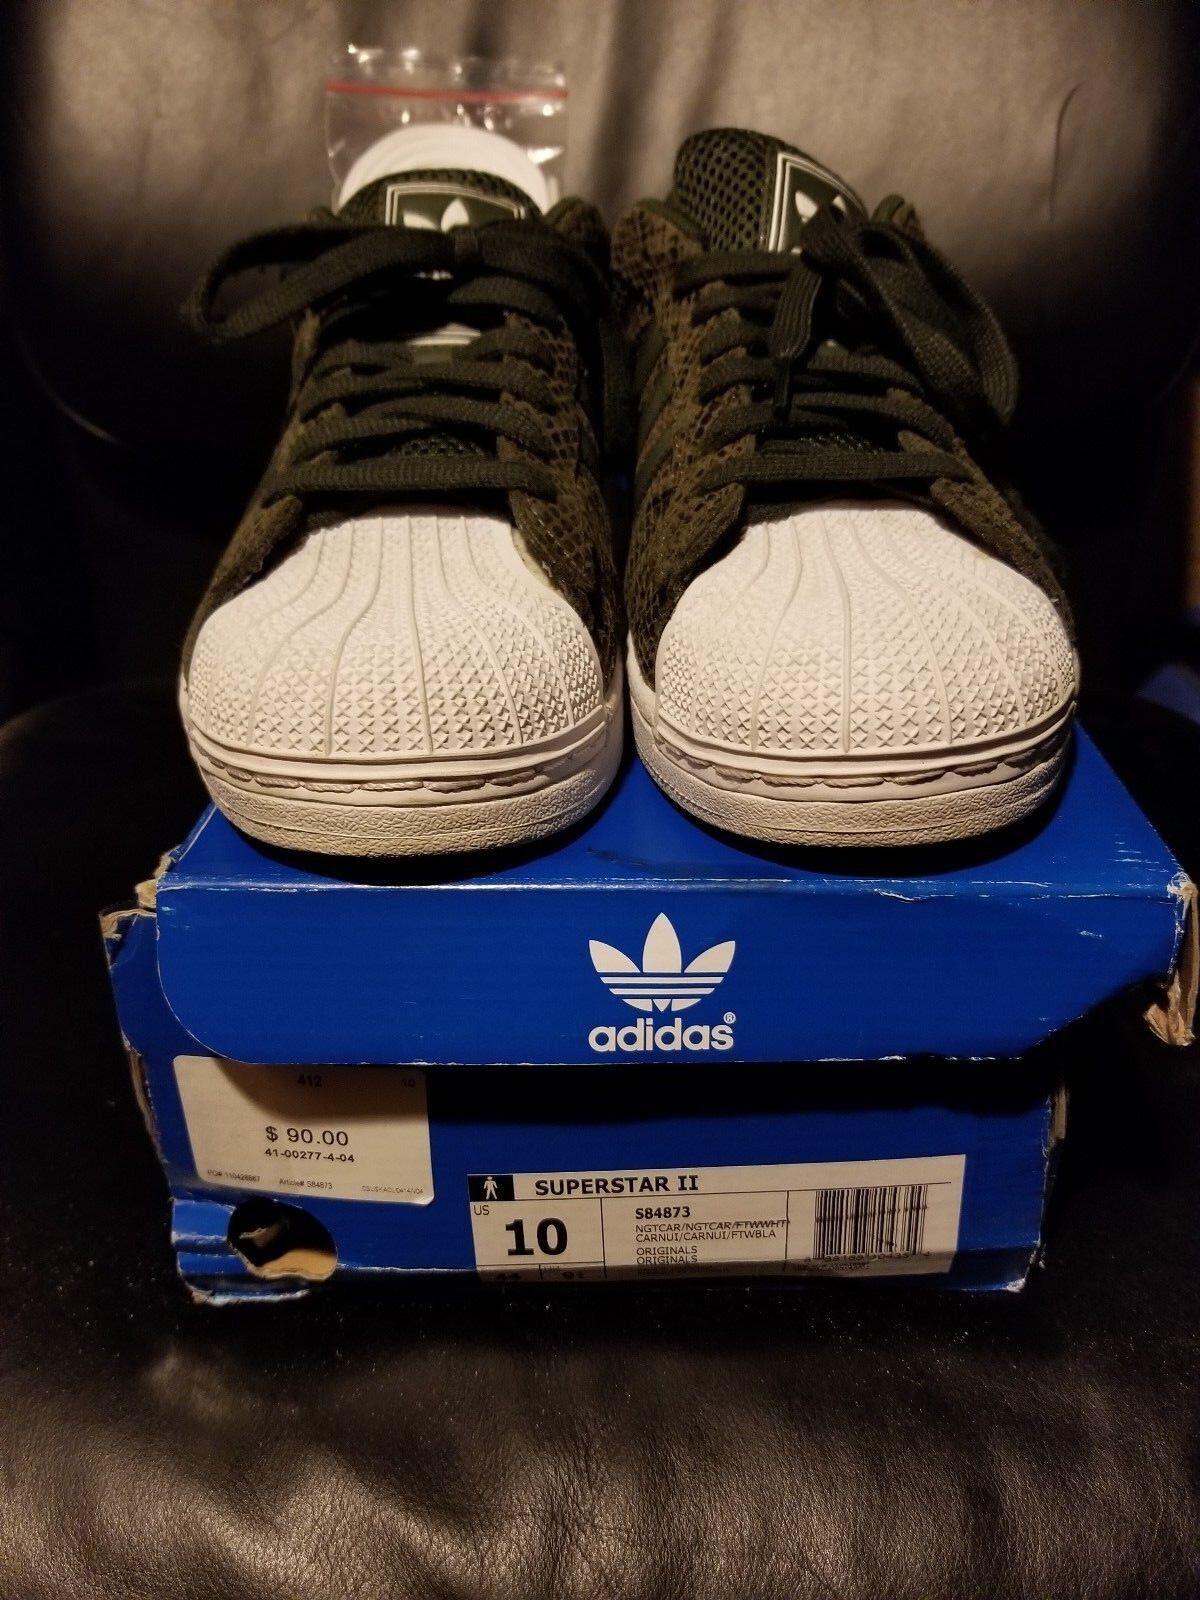 Adidas superstar ii numero navigazione 10 la libera navigazione numero pre-owned d886e8